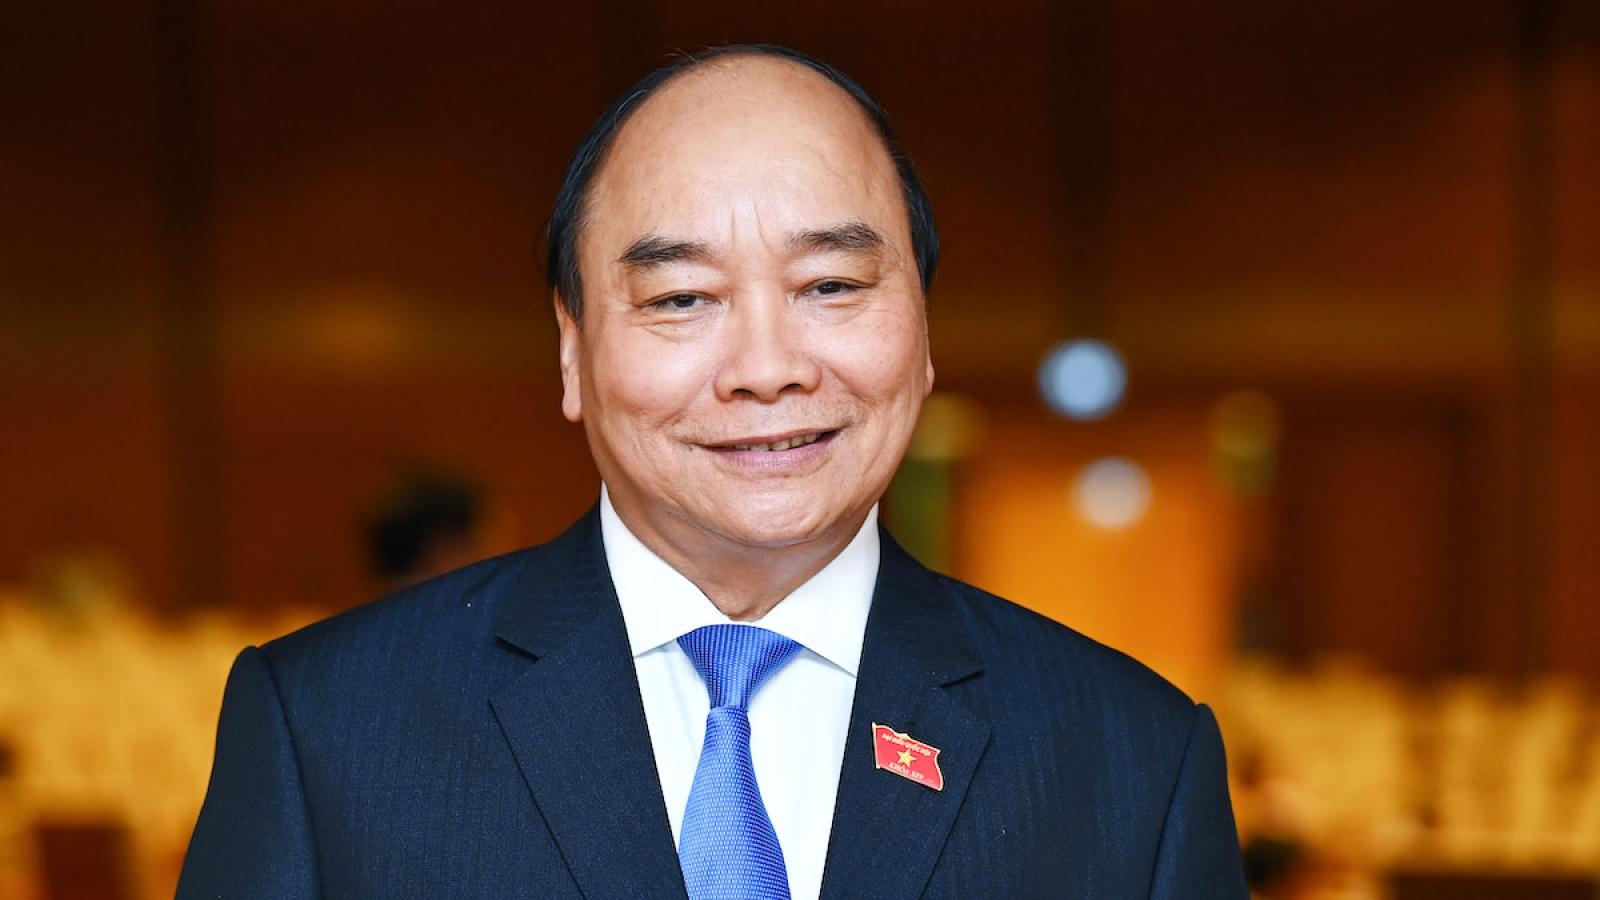 Tiểu sử tóm tắt của Chủ tịch nước Nguyễn Xuân Phúc